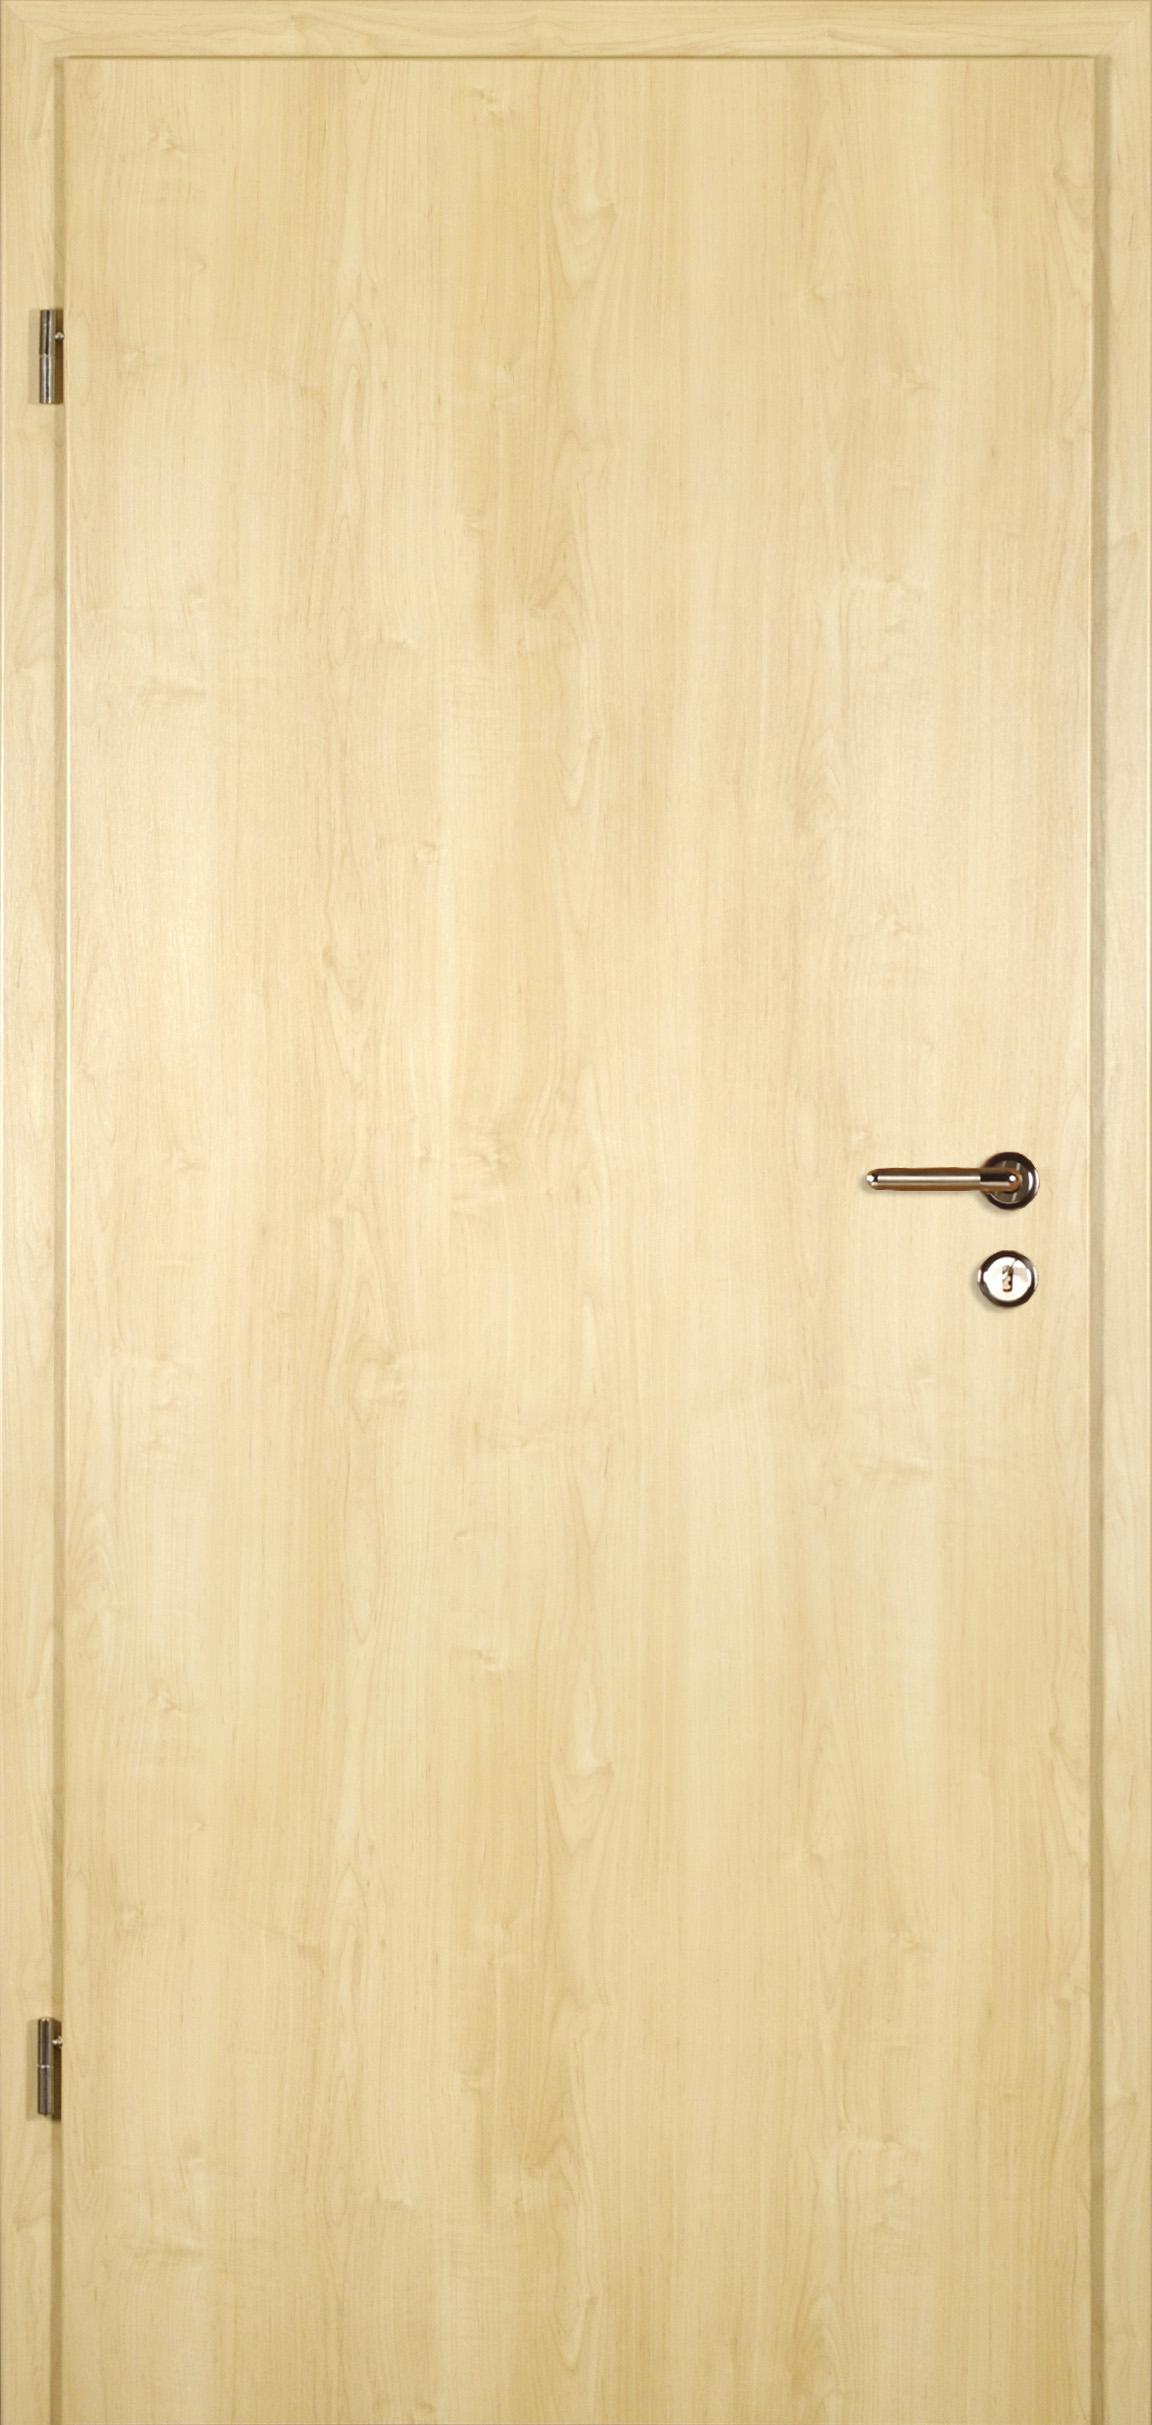 Zimmertüren holz massiv  Innentüren